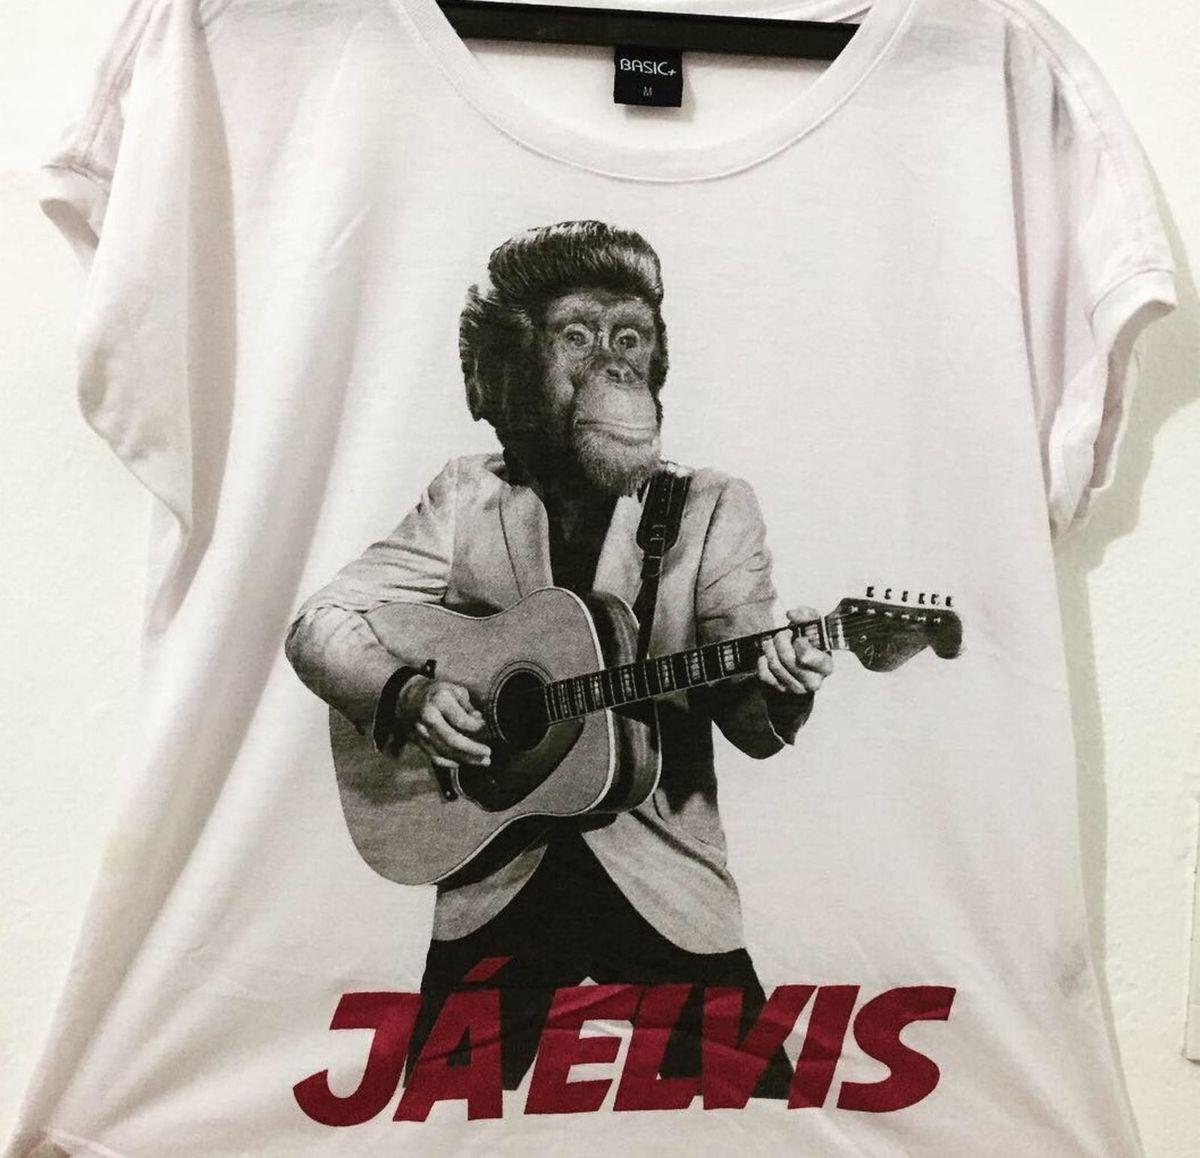 c356cc5967 blusa ja elvis presley - camisas sem marca.  Czm6ly9wag90b3muzw5qb2vplmnvbs5ici9wcm9kdwn0cy83mteymzc1lzqznzhlntgwzdnlymmxzjlhnjeyntkynjzkmdrmzdczlmpwzw